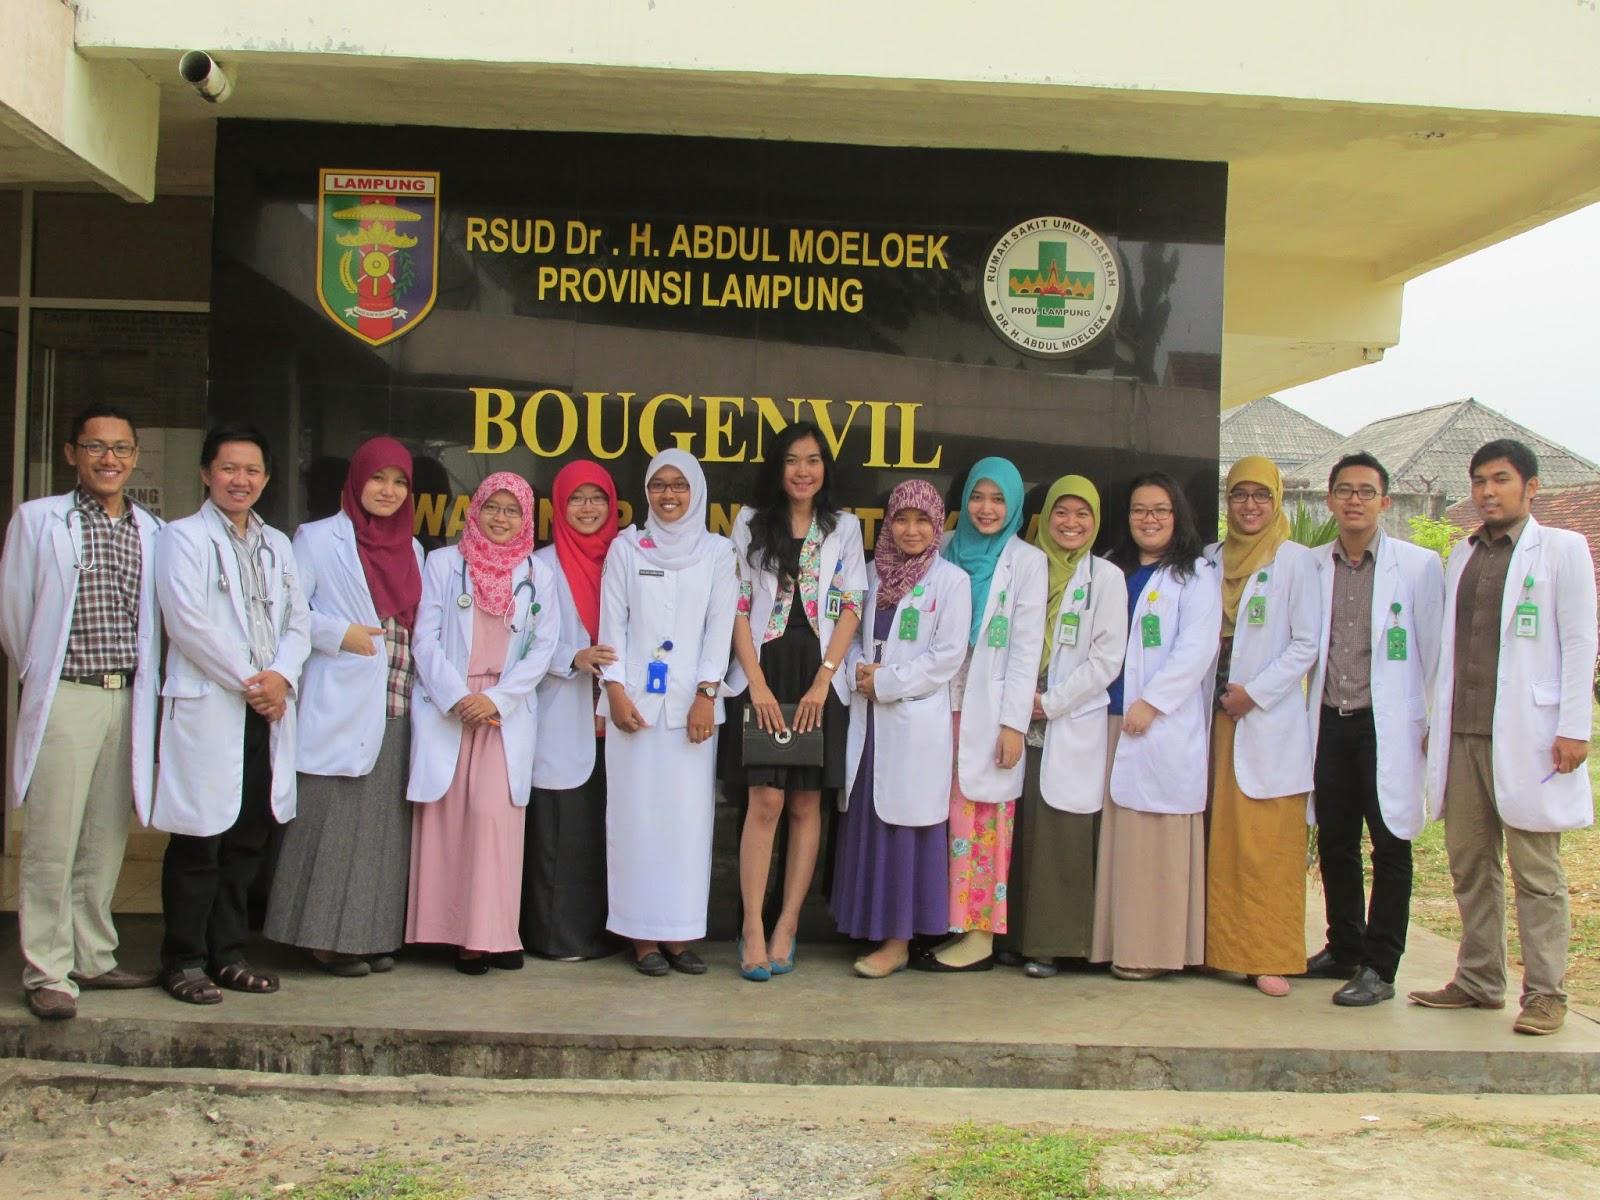 RSU Abdul Moeloek Provinsi Lampung menggelar Pelatihan Pencampuran Obat Suntik